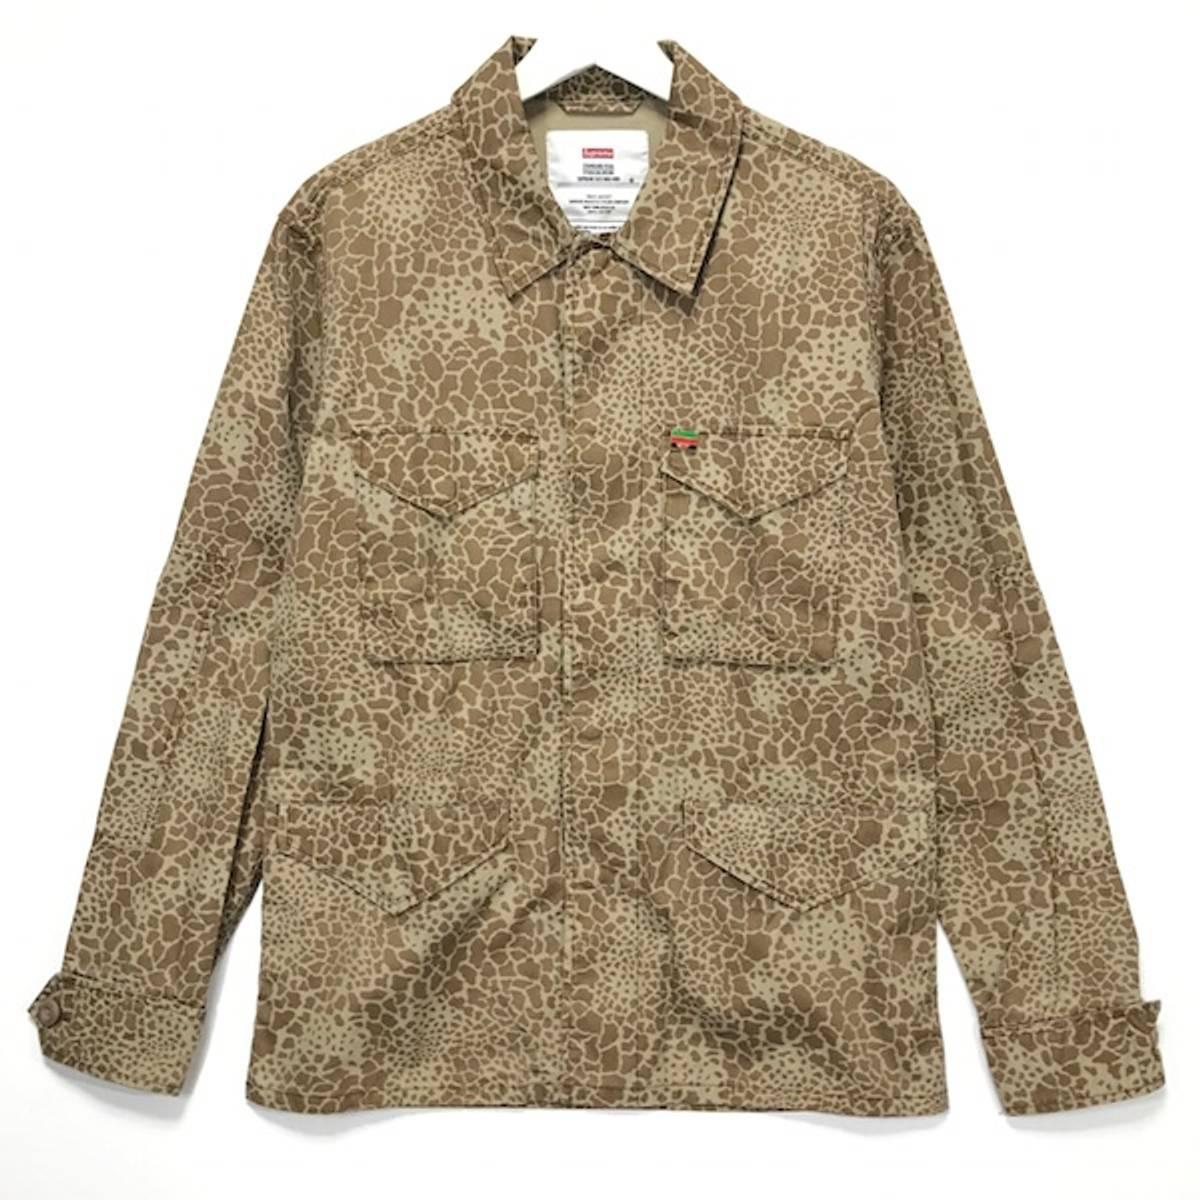 Supreme [s] Supreme Giraffe Camo Field Jacket Beige | Grailed